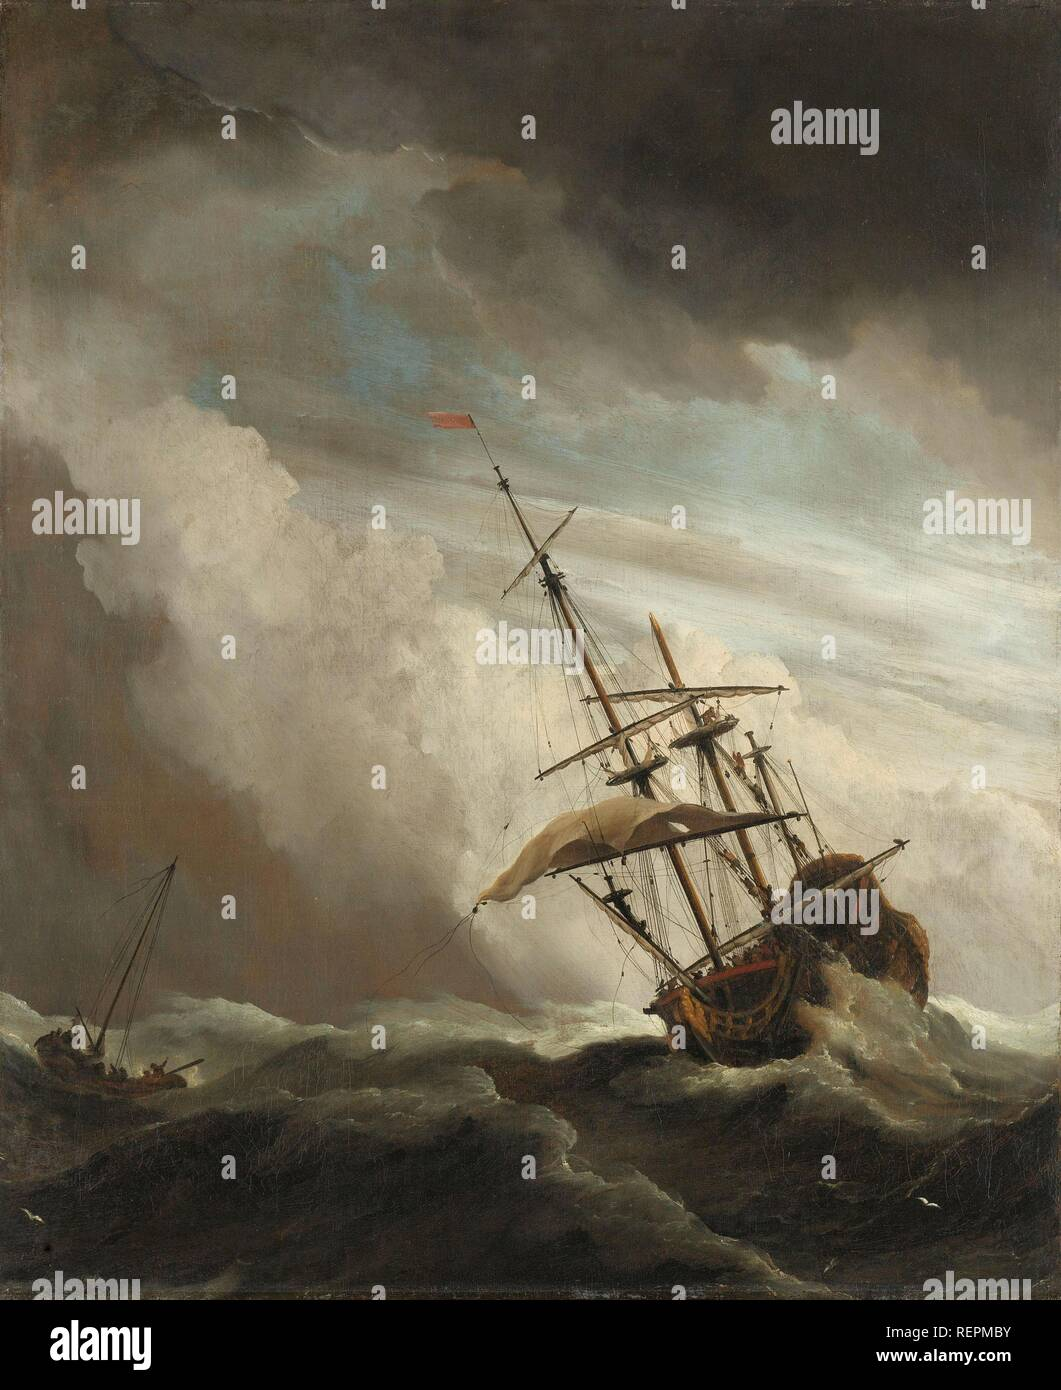 A Ship on the High Seas Caught by a Squall, Known as 'The Gust'. Een schip in volle zee bij vliegende storm, bekend als 'De windstoot'. Dating: c. 1680. Measurements: h 77 cm × w 63.5 cm × h 90.5 cm × w 78.5 cm × d 6.5 cm. Museum: Rijksmuseum, Amsterdam. Author: Willem van de Velde (II). Velde, Willem van de (the Younger). - Stock Image